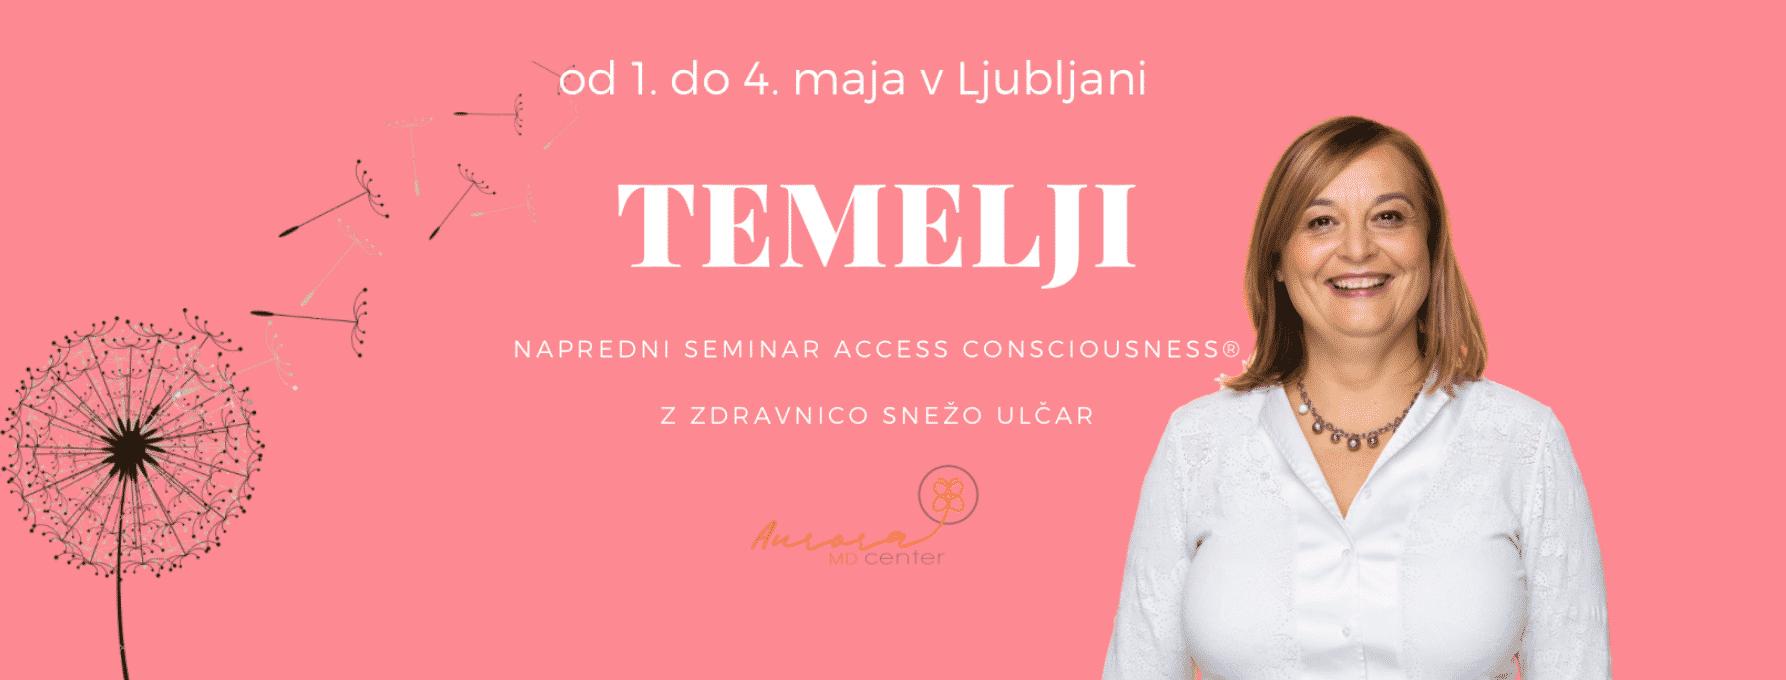 Seminar TEMELJI z zdravnico v Ljubljani, 1.-4.5.2019